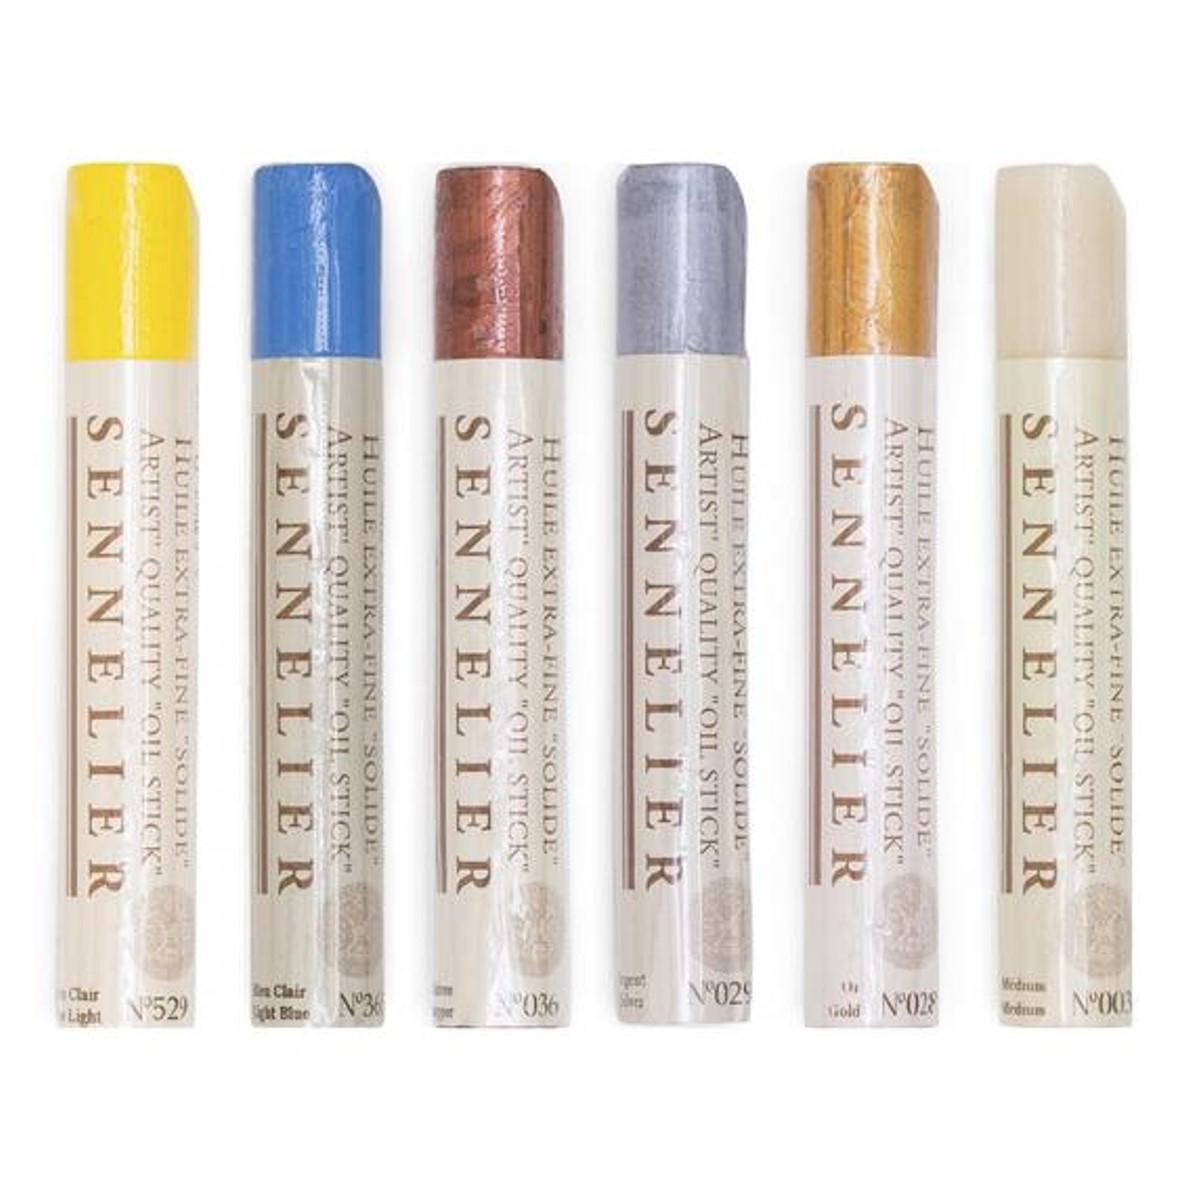 Sennelier Oil Paint Sticks